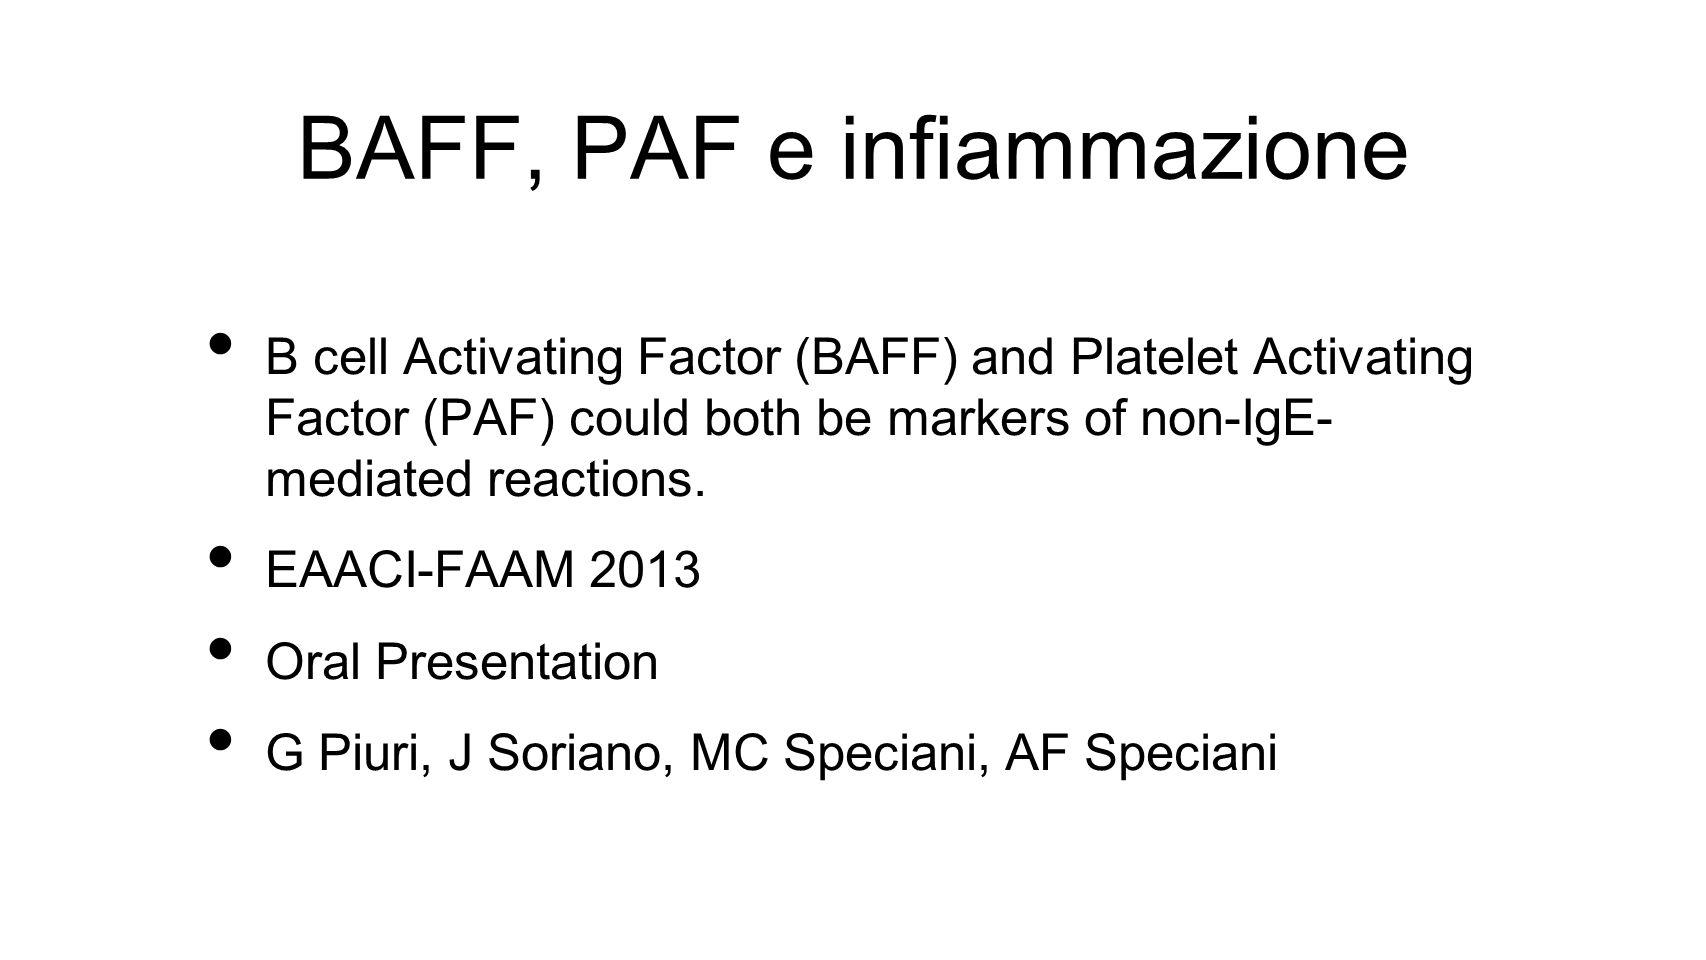 BAFF, PAF e infiammazione